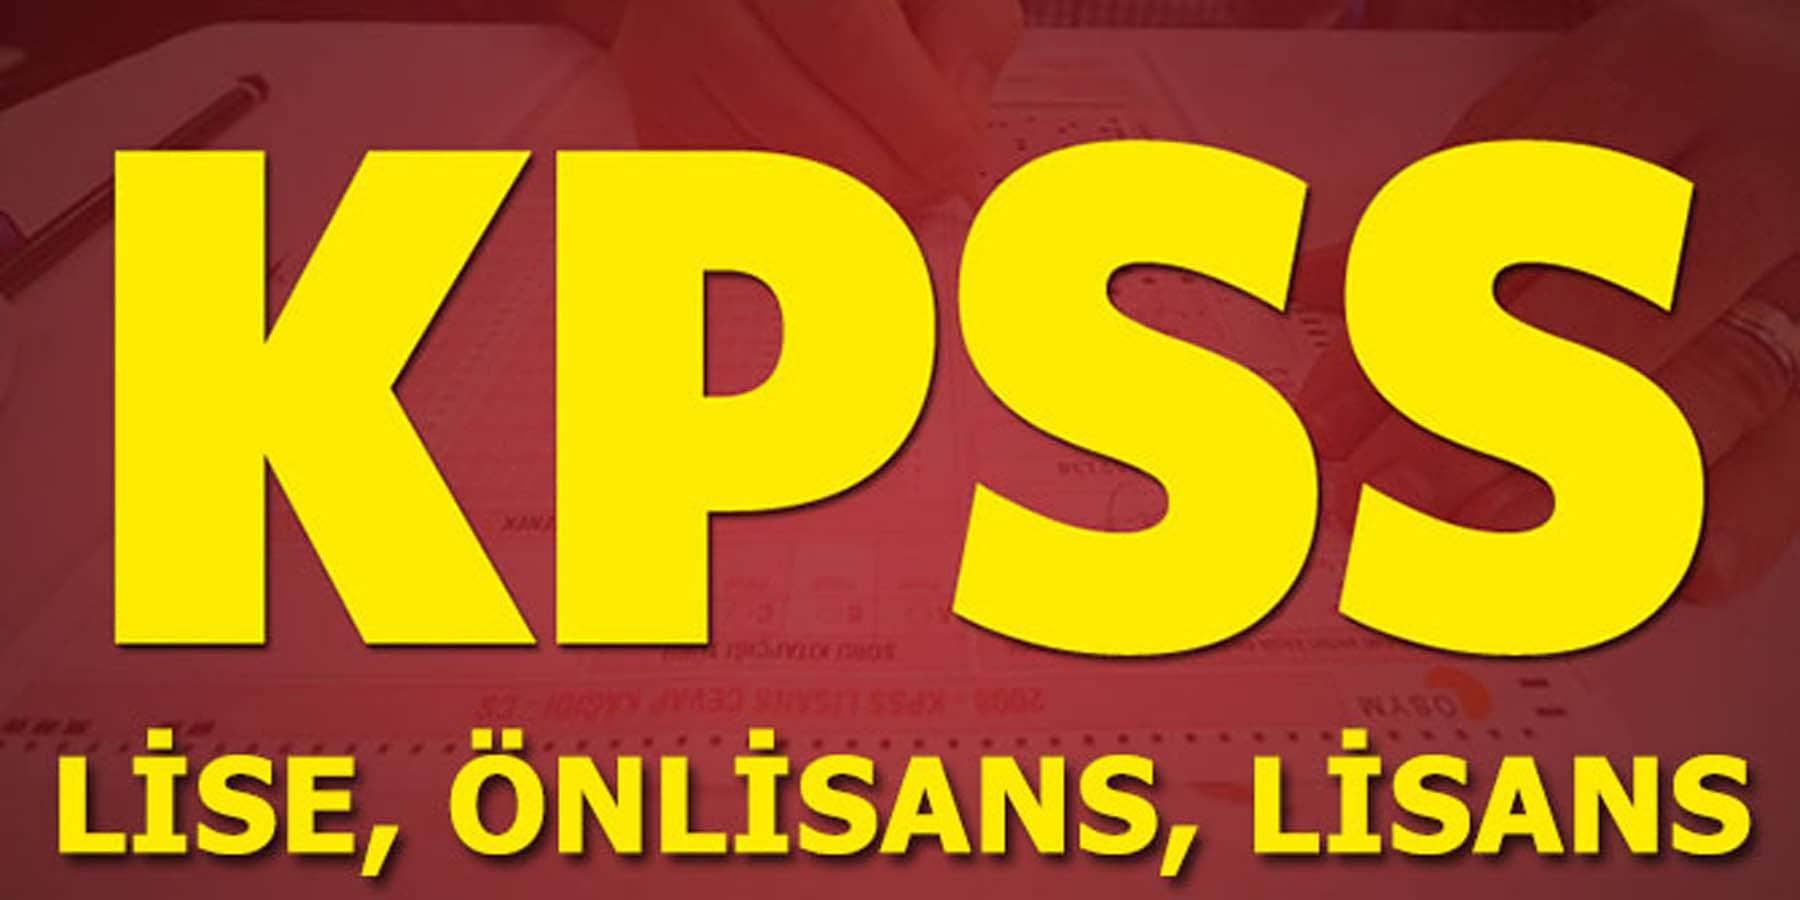 Lise Önlisans ve Lisans KPSS Sıralamaları Değişti